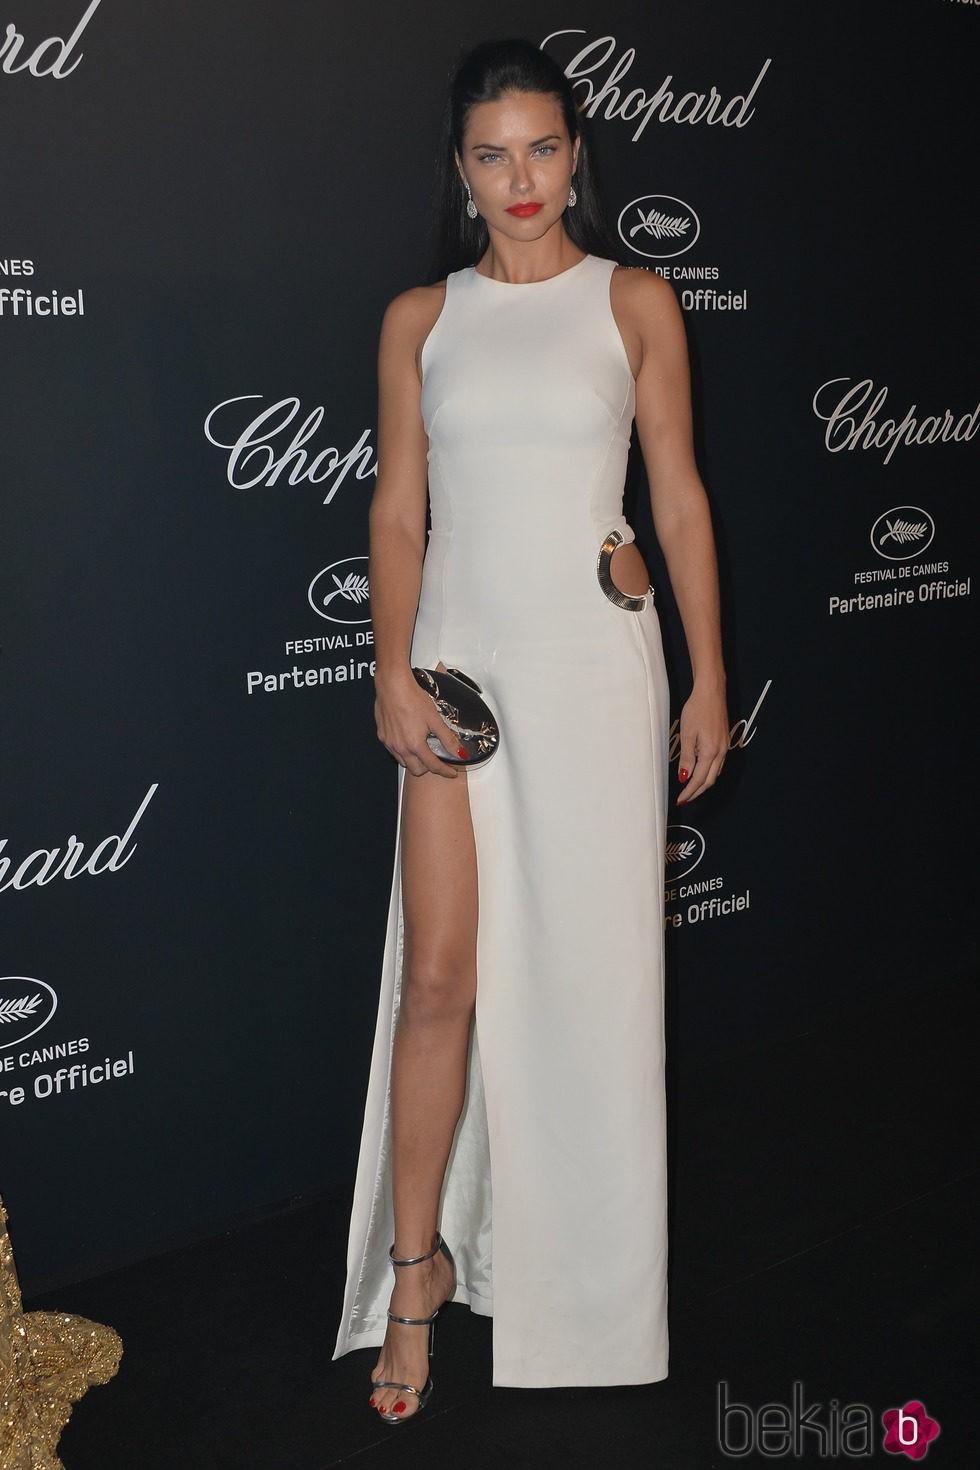 Adriana Lima en la fiesta Chopard ofrecida por el Festival de Cannes 2015